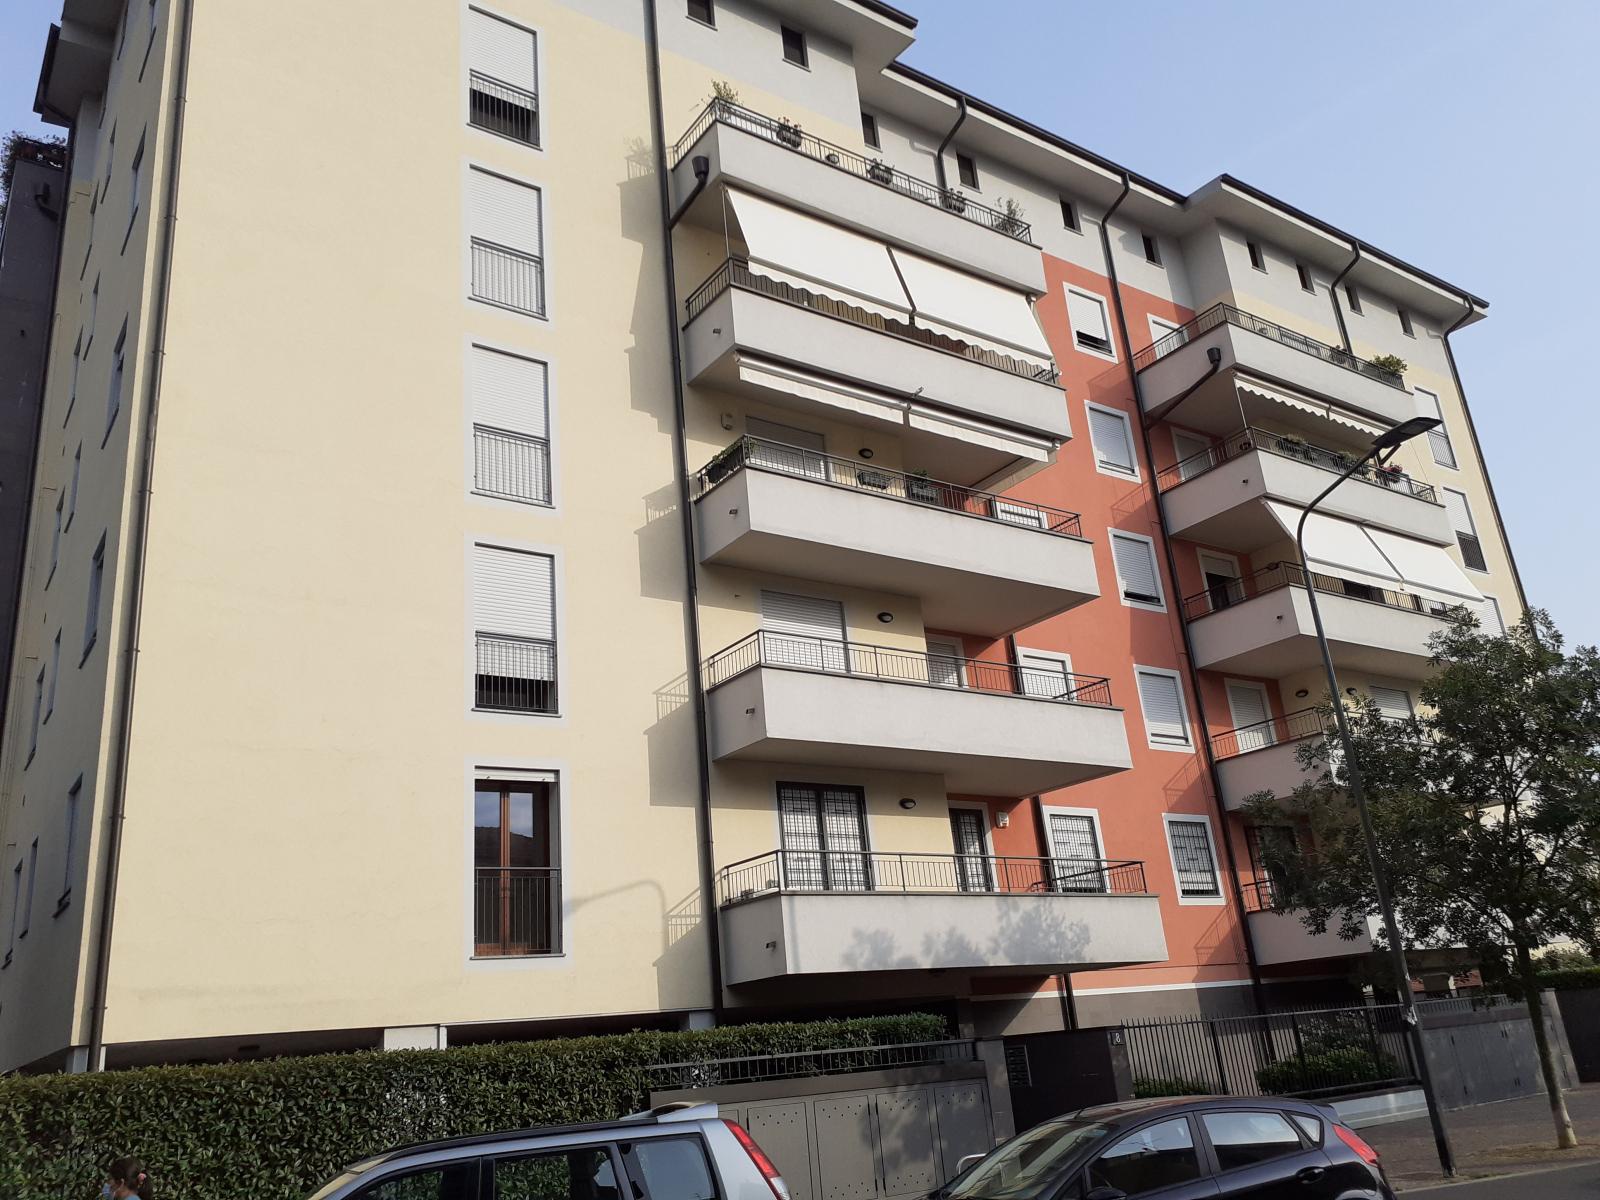 appartamento-open-space-milano-via-broggini-baggio-spaziourbano-immobiliare-vende-20